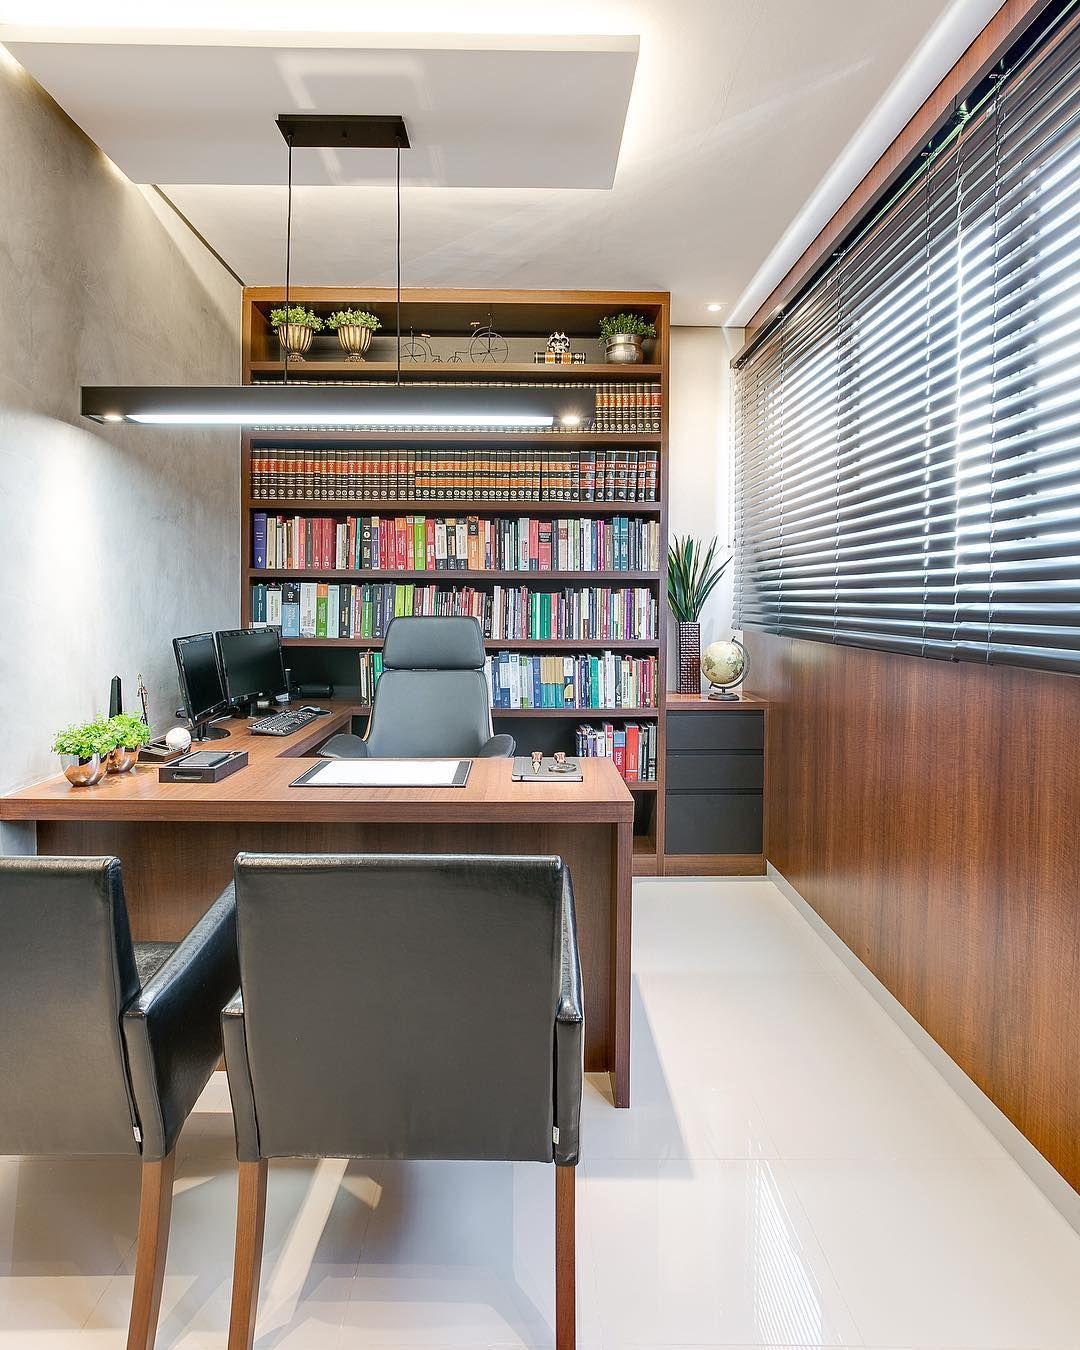 2ead6537a sala do advogado seguindo as mesmas cores da sala de reunião e do advogado  associado, o destaque dessa sala é a grande prateleira de…